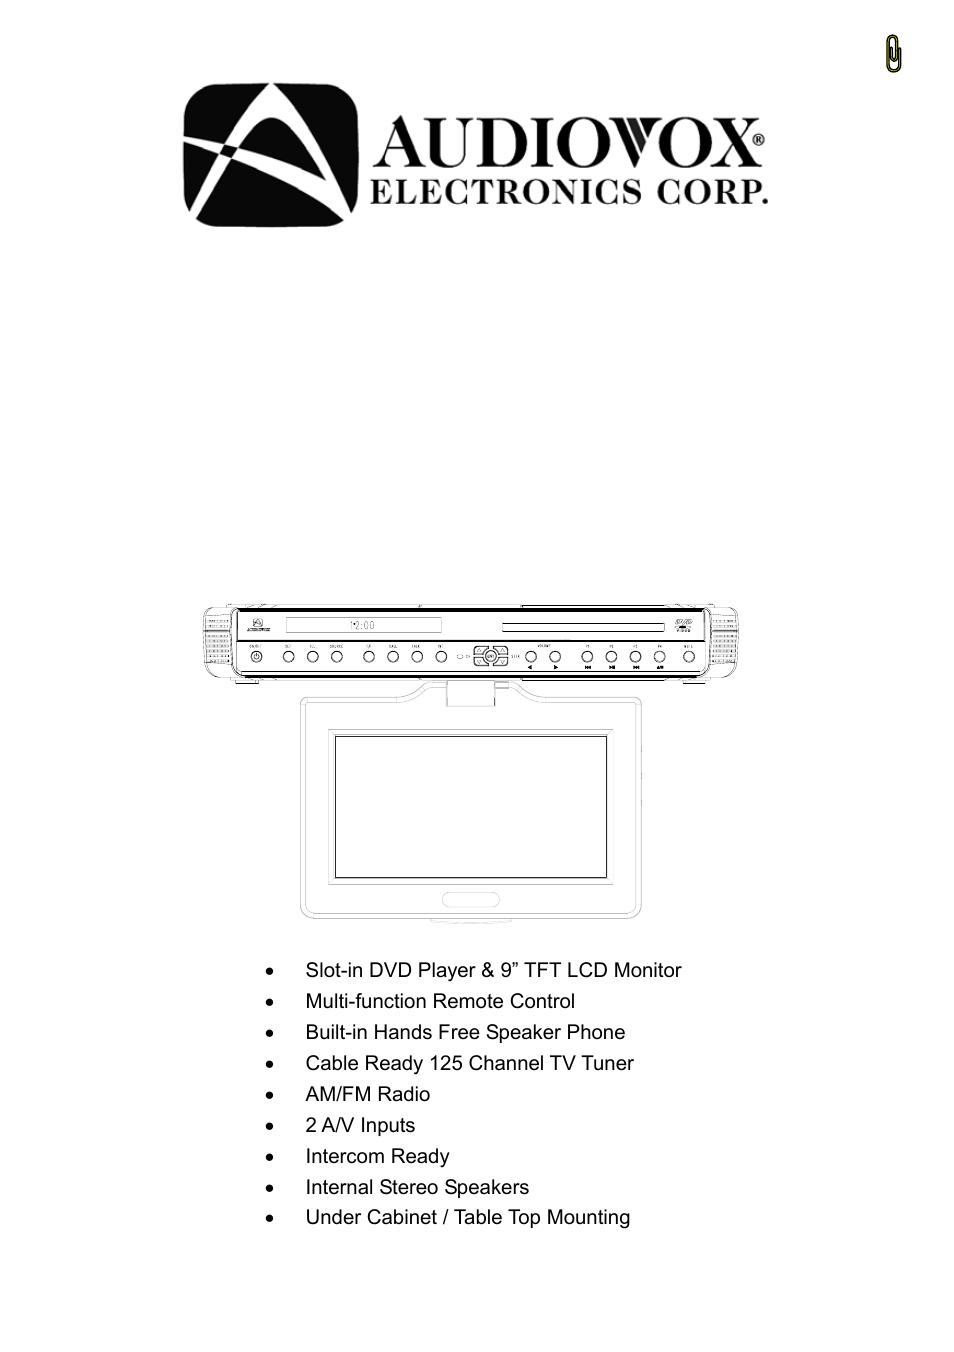 audiovox ve926 user manual 33 pages rh manualsdir com Kitchen Under Cabinet for TV Under Cabinet TV Target